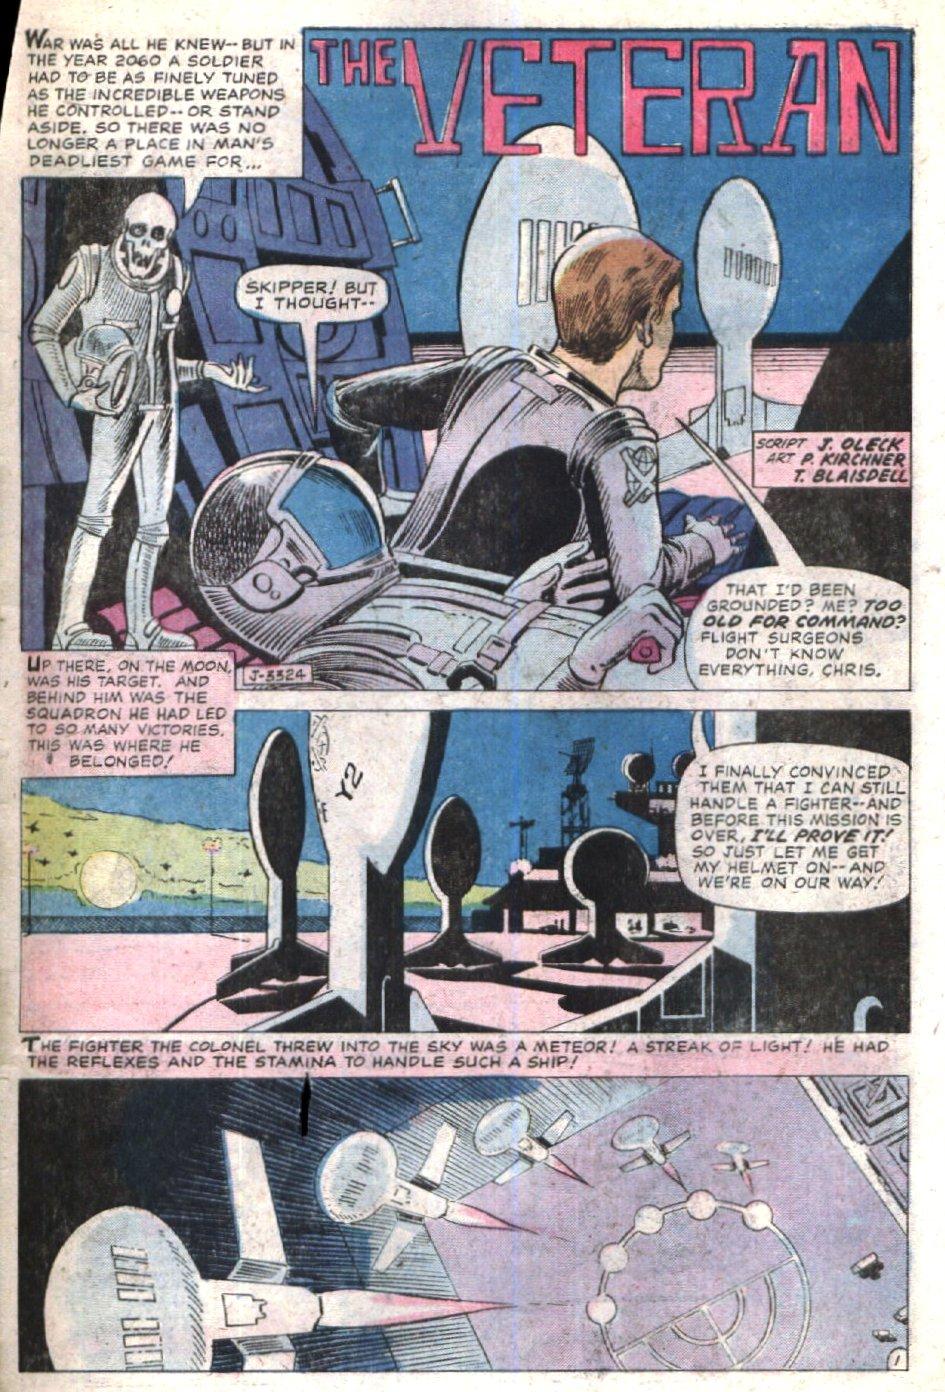 Weird War Tales (1971) #27 pg25.